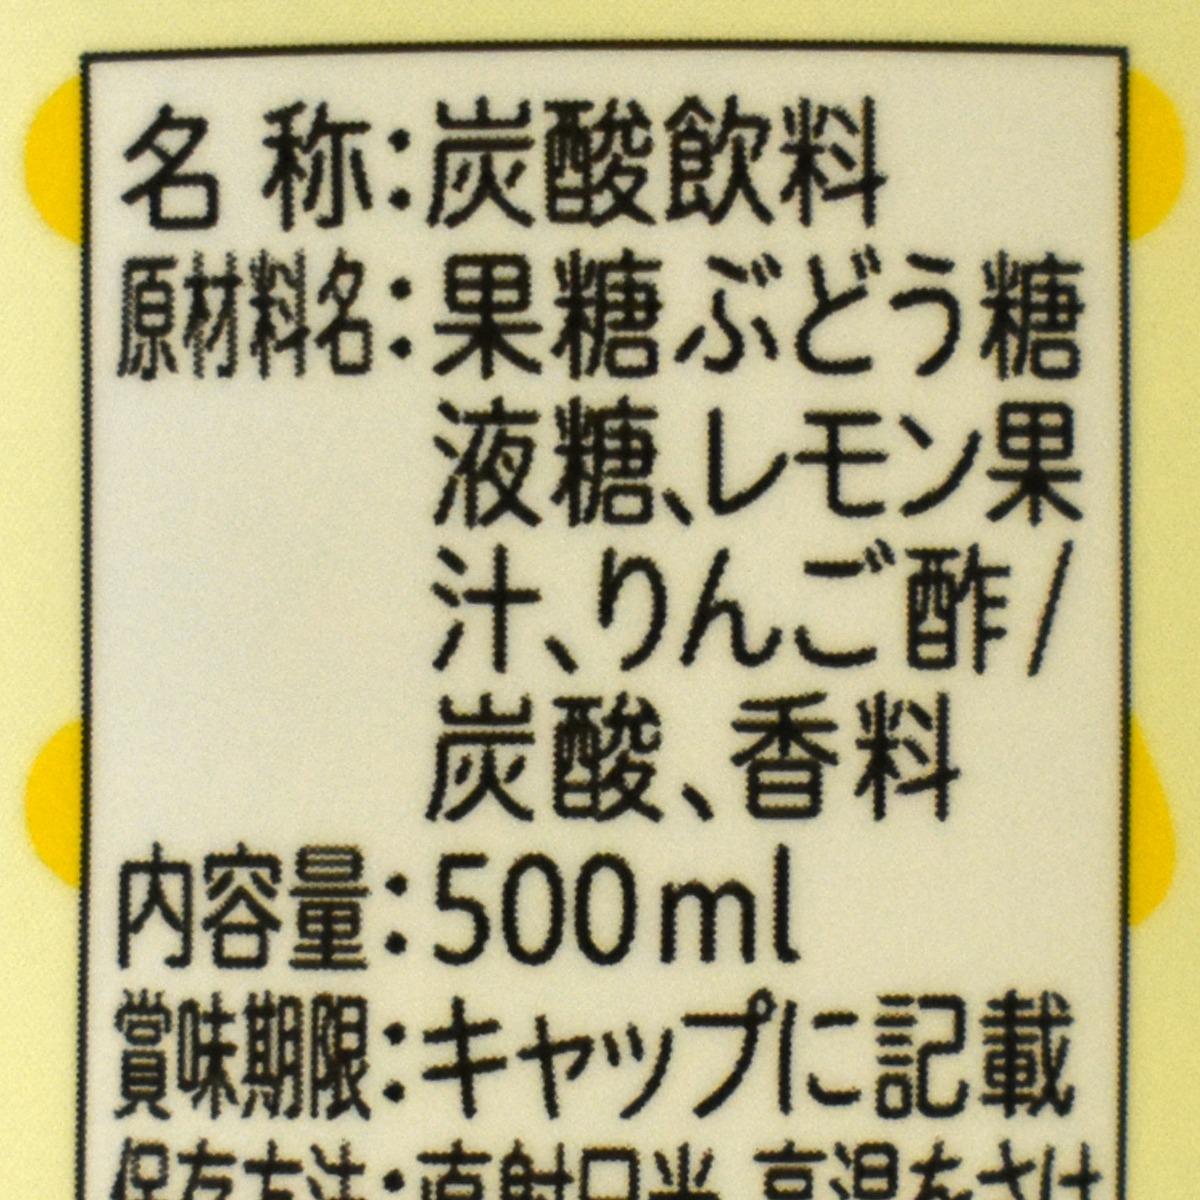 レモンスカッシュ+(プラス)ビネガーの原材料名